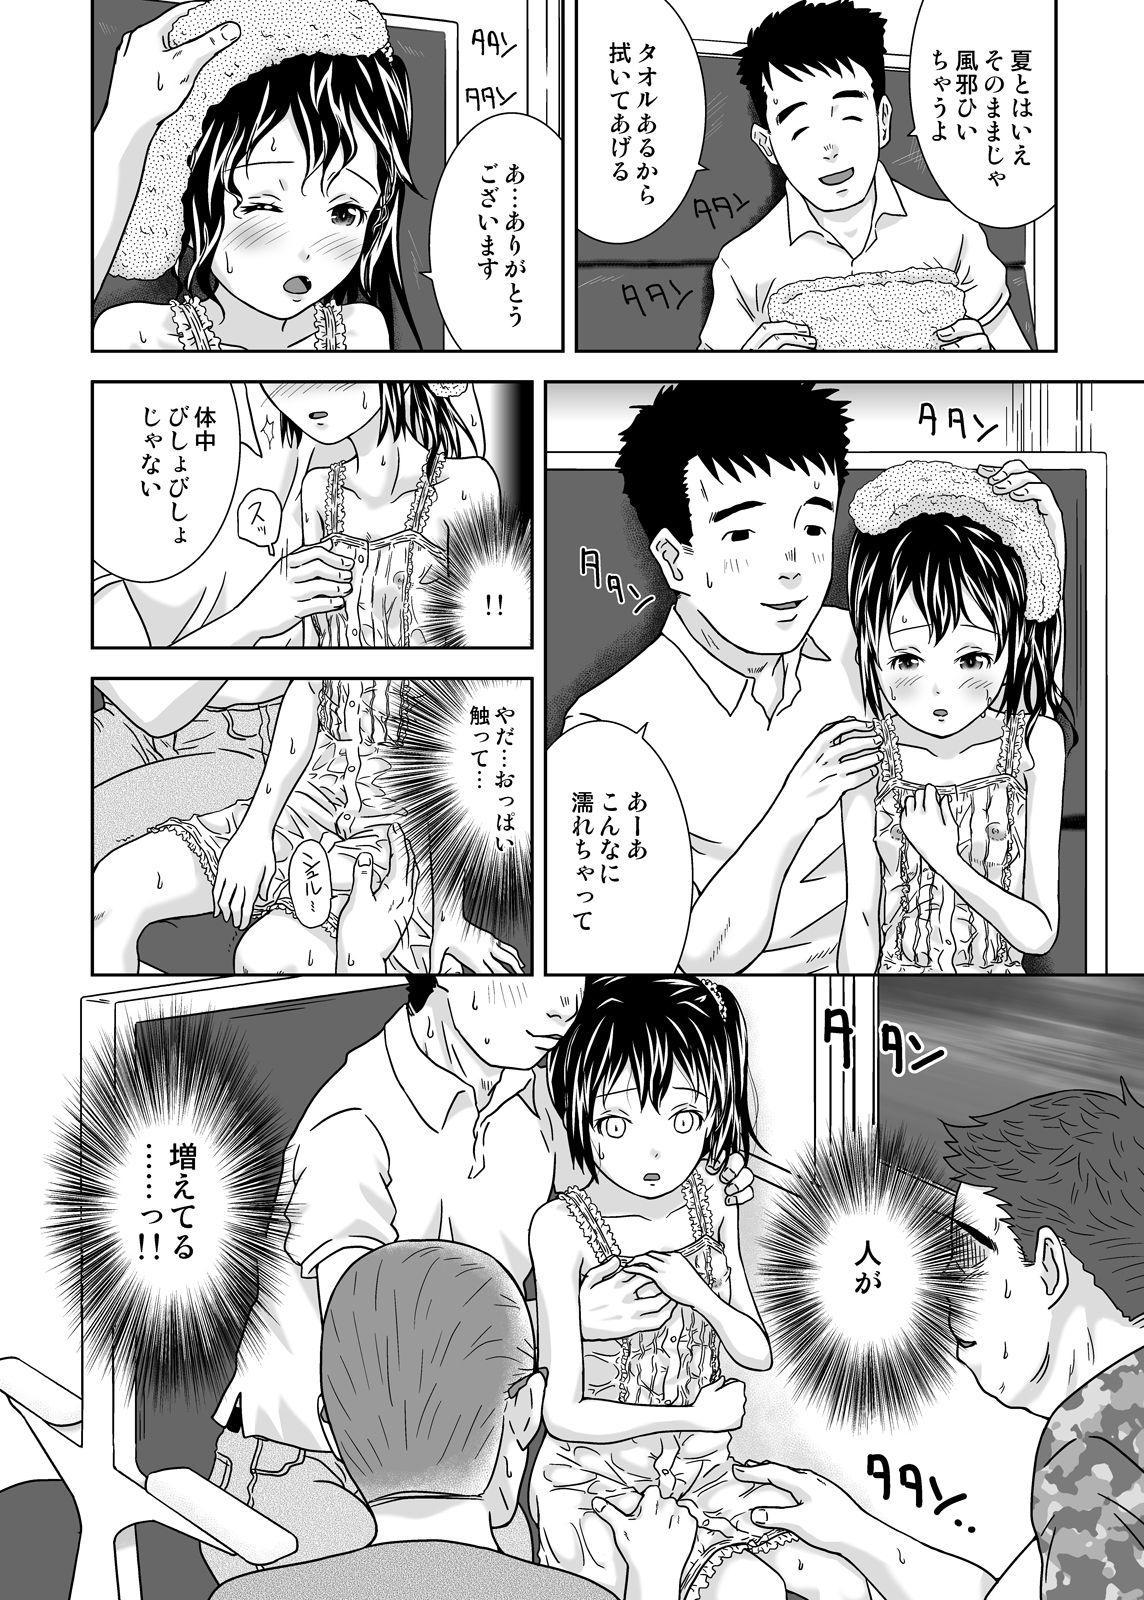 Roshutsukko Haruka no Bousou Dai Ni Ya 13